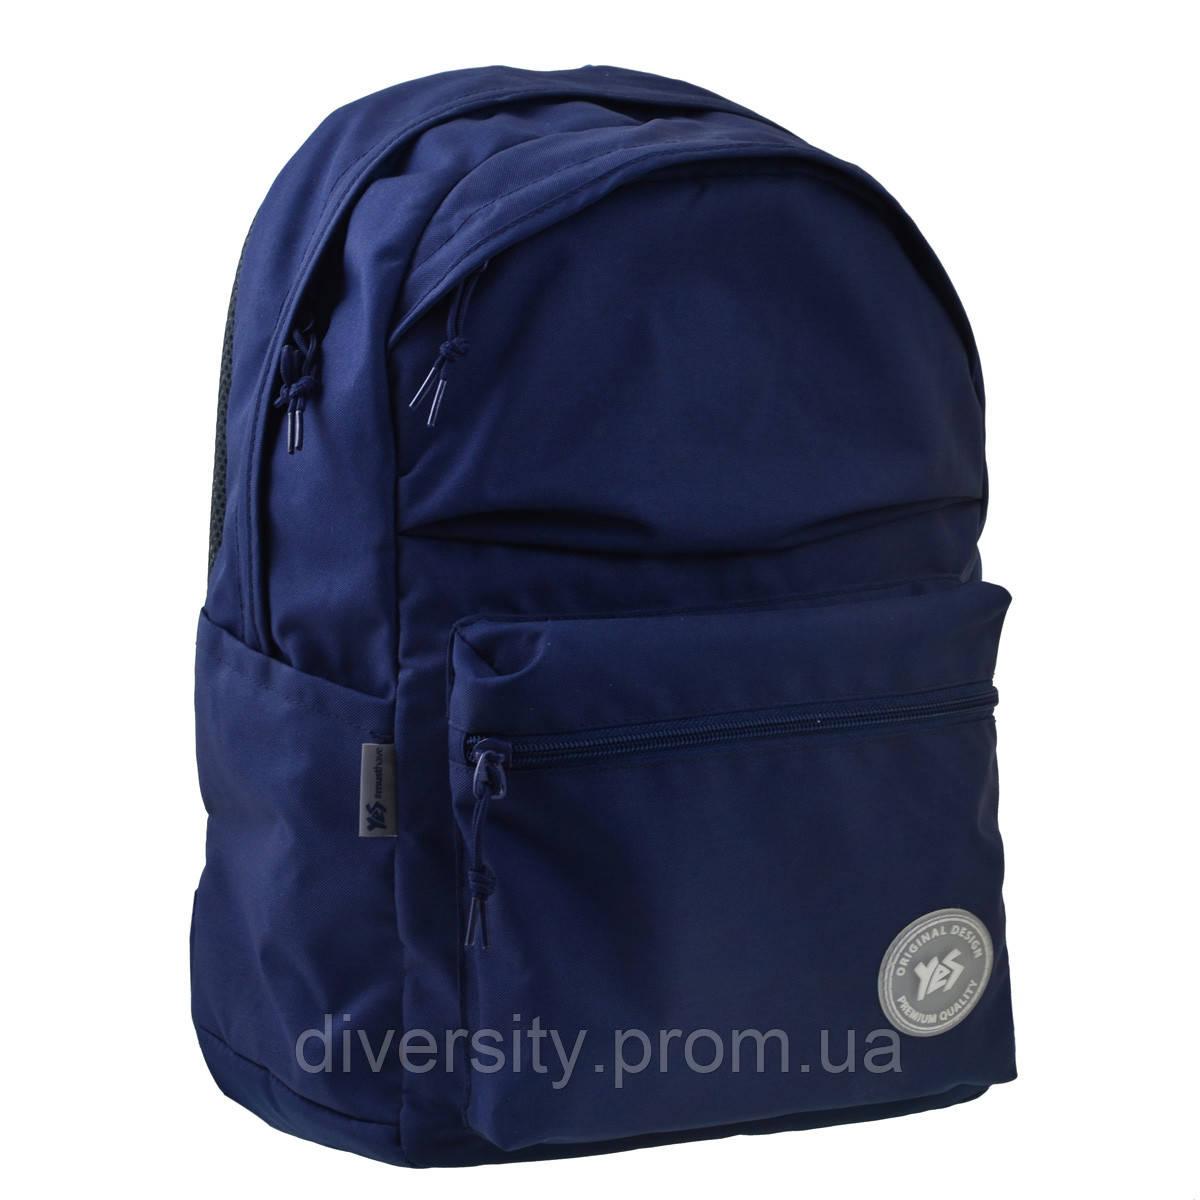 Молодежный рюкзак YES  ST-22 Gray asphalt, 48*31*17.5